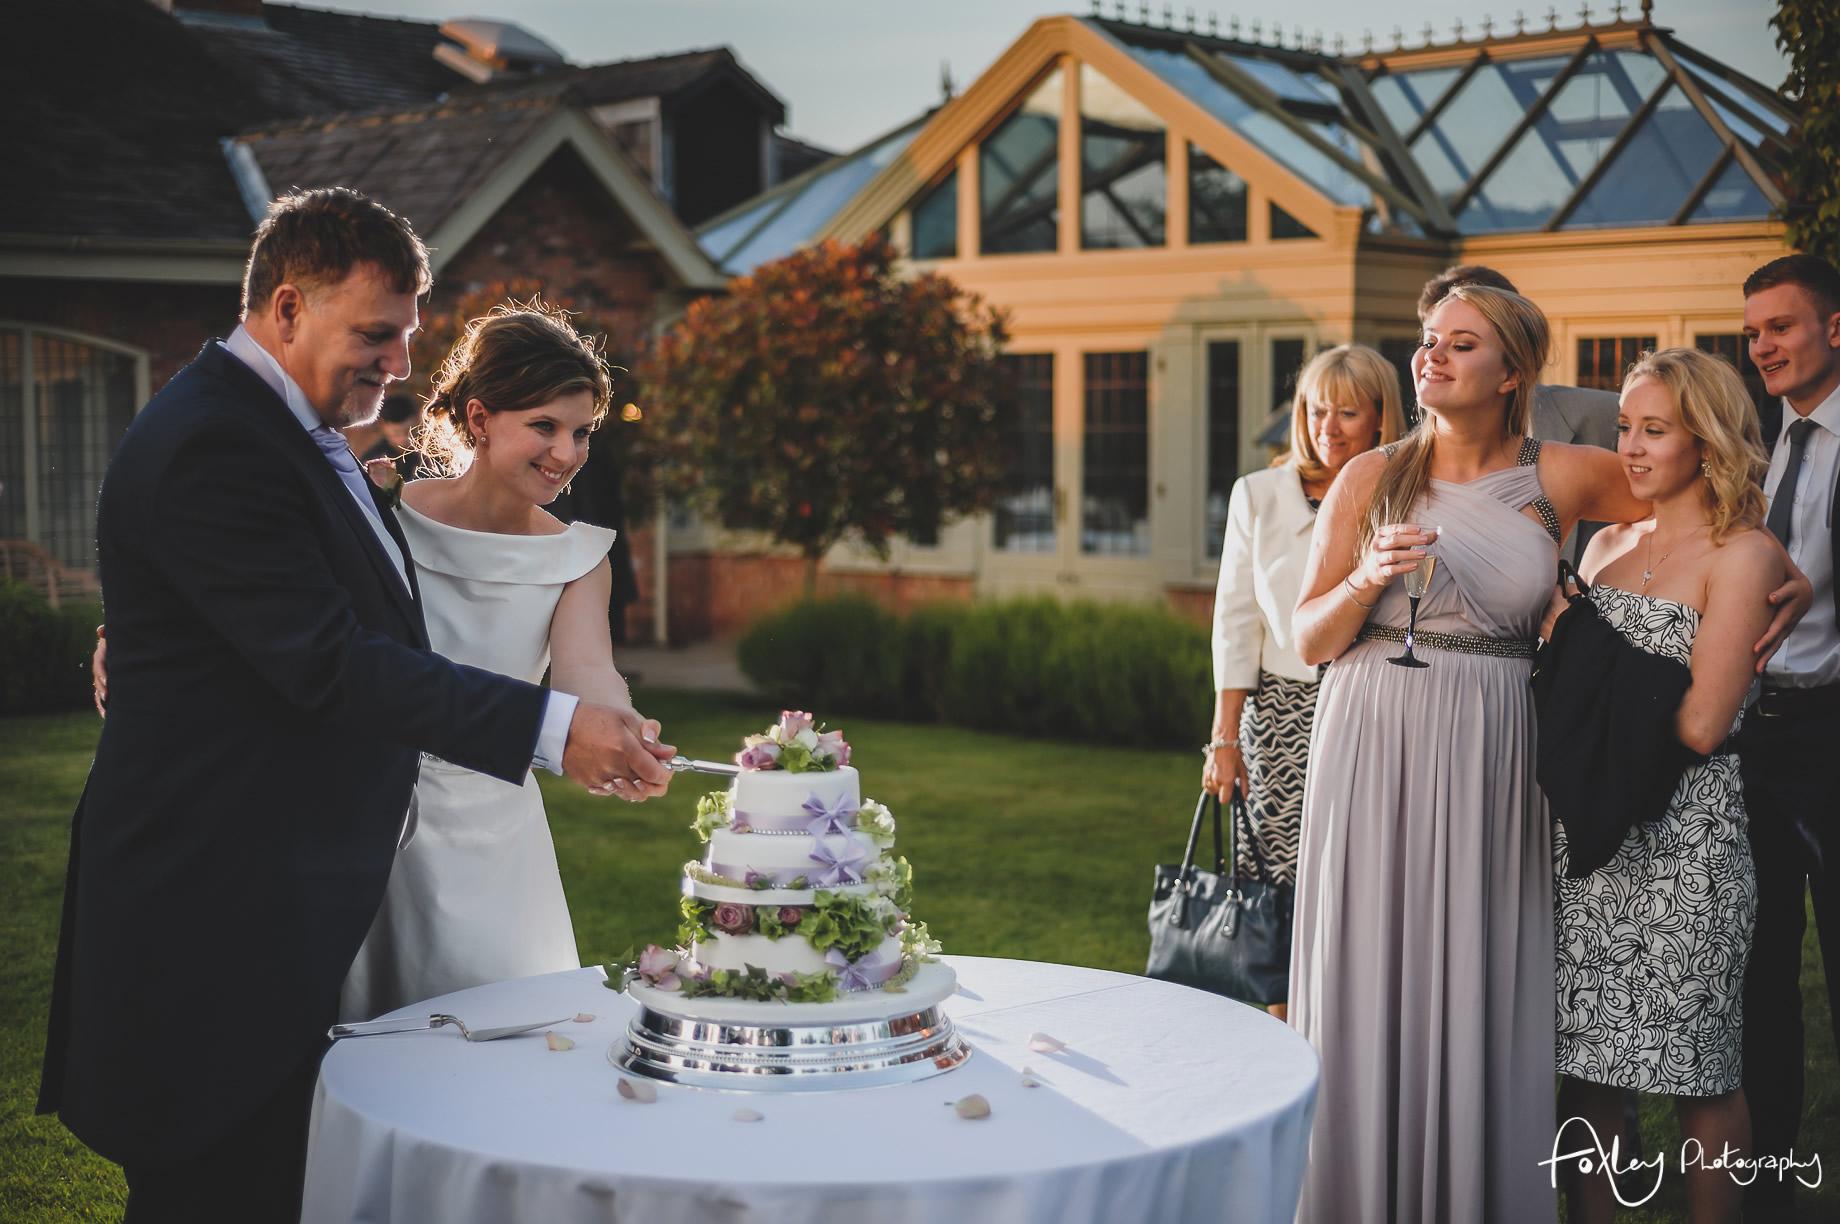 Simona-and-Robert-Wedding-at-Colshaw-Hall-145